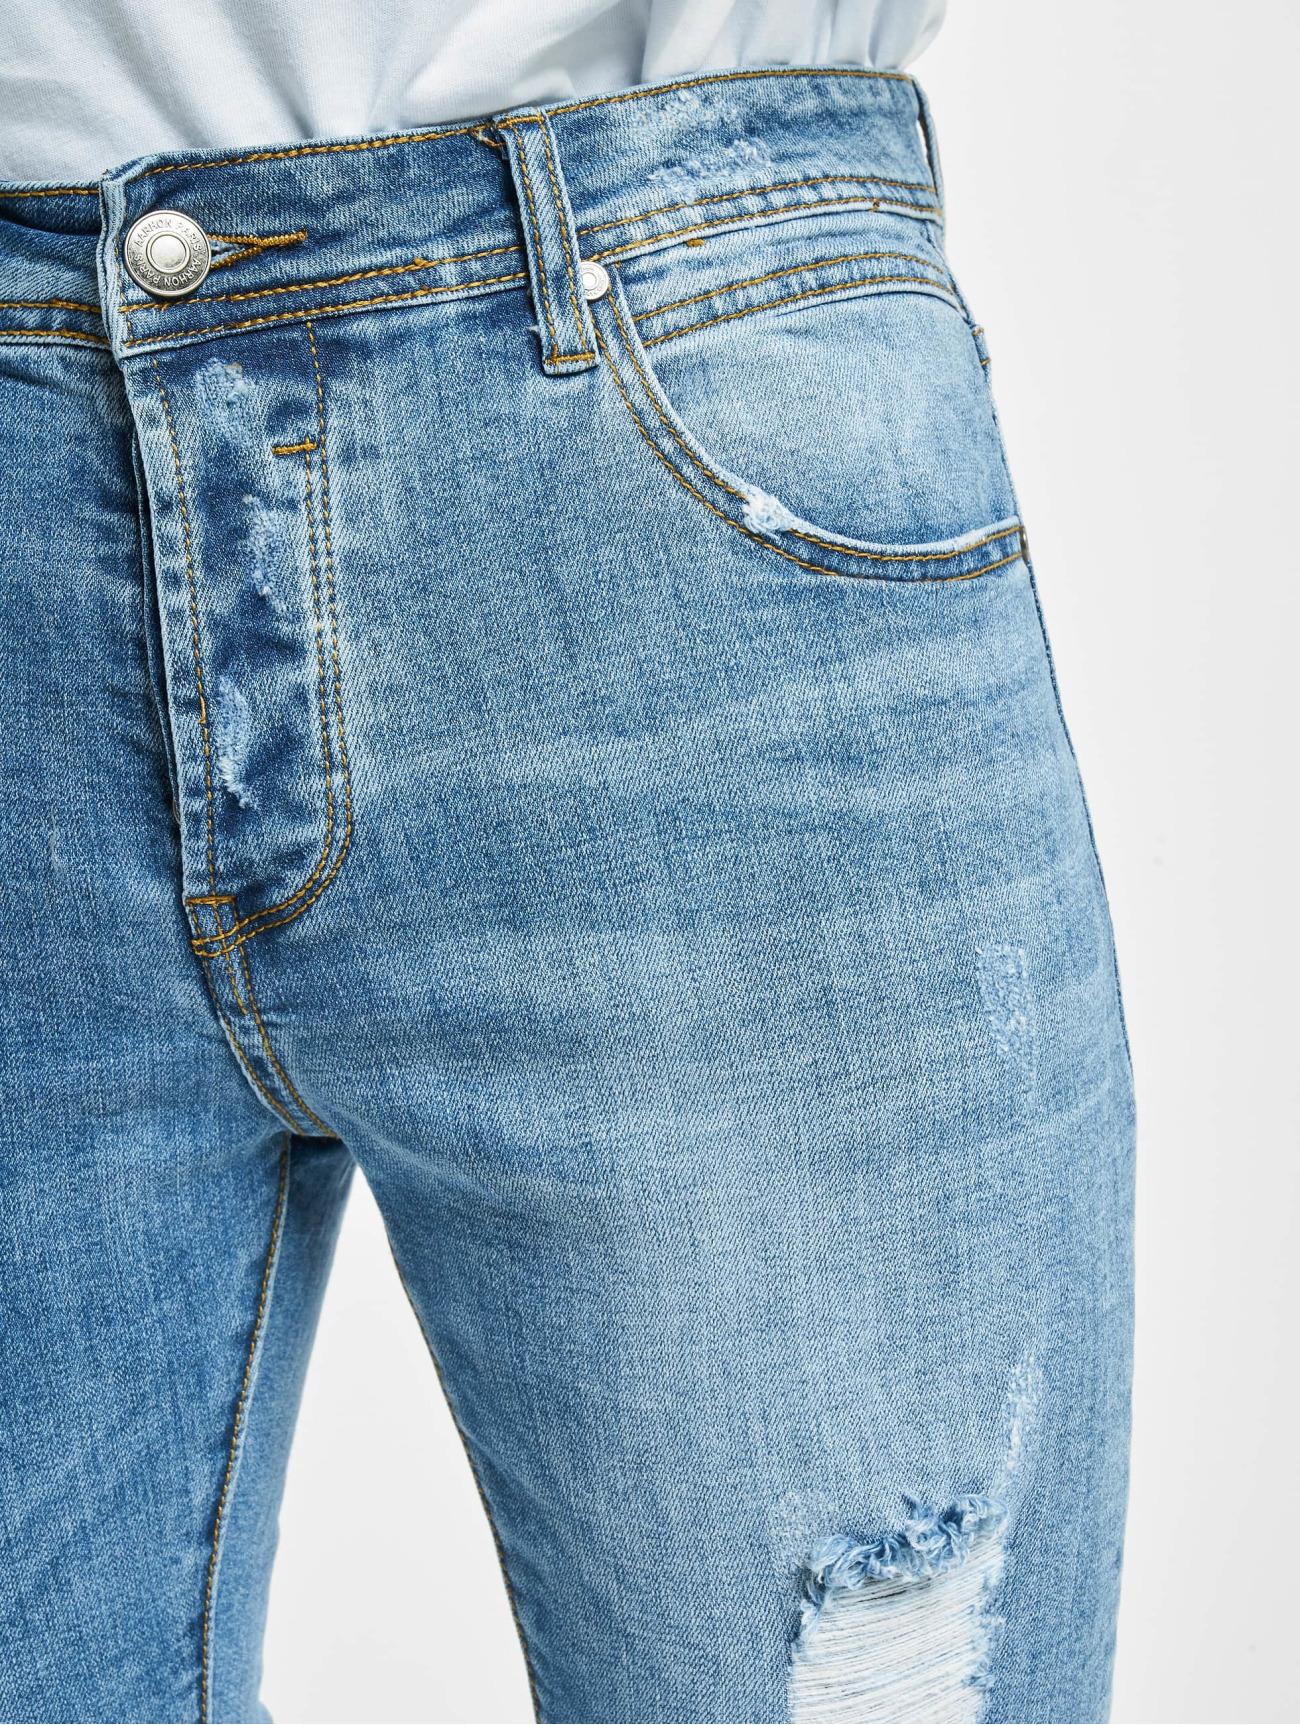 Aarhon  Spencer  bleu Homme Jean slim  773687 Homme Jeans